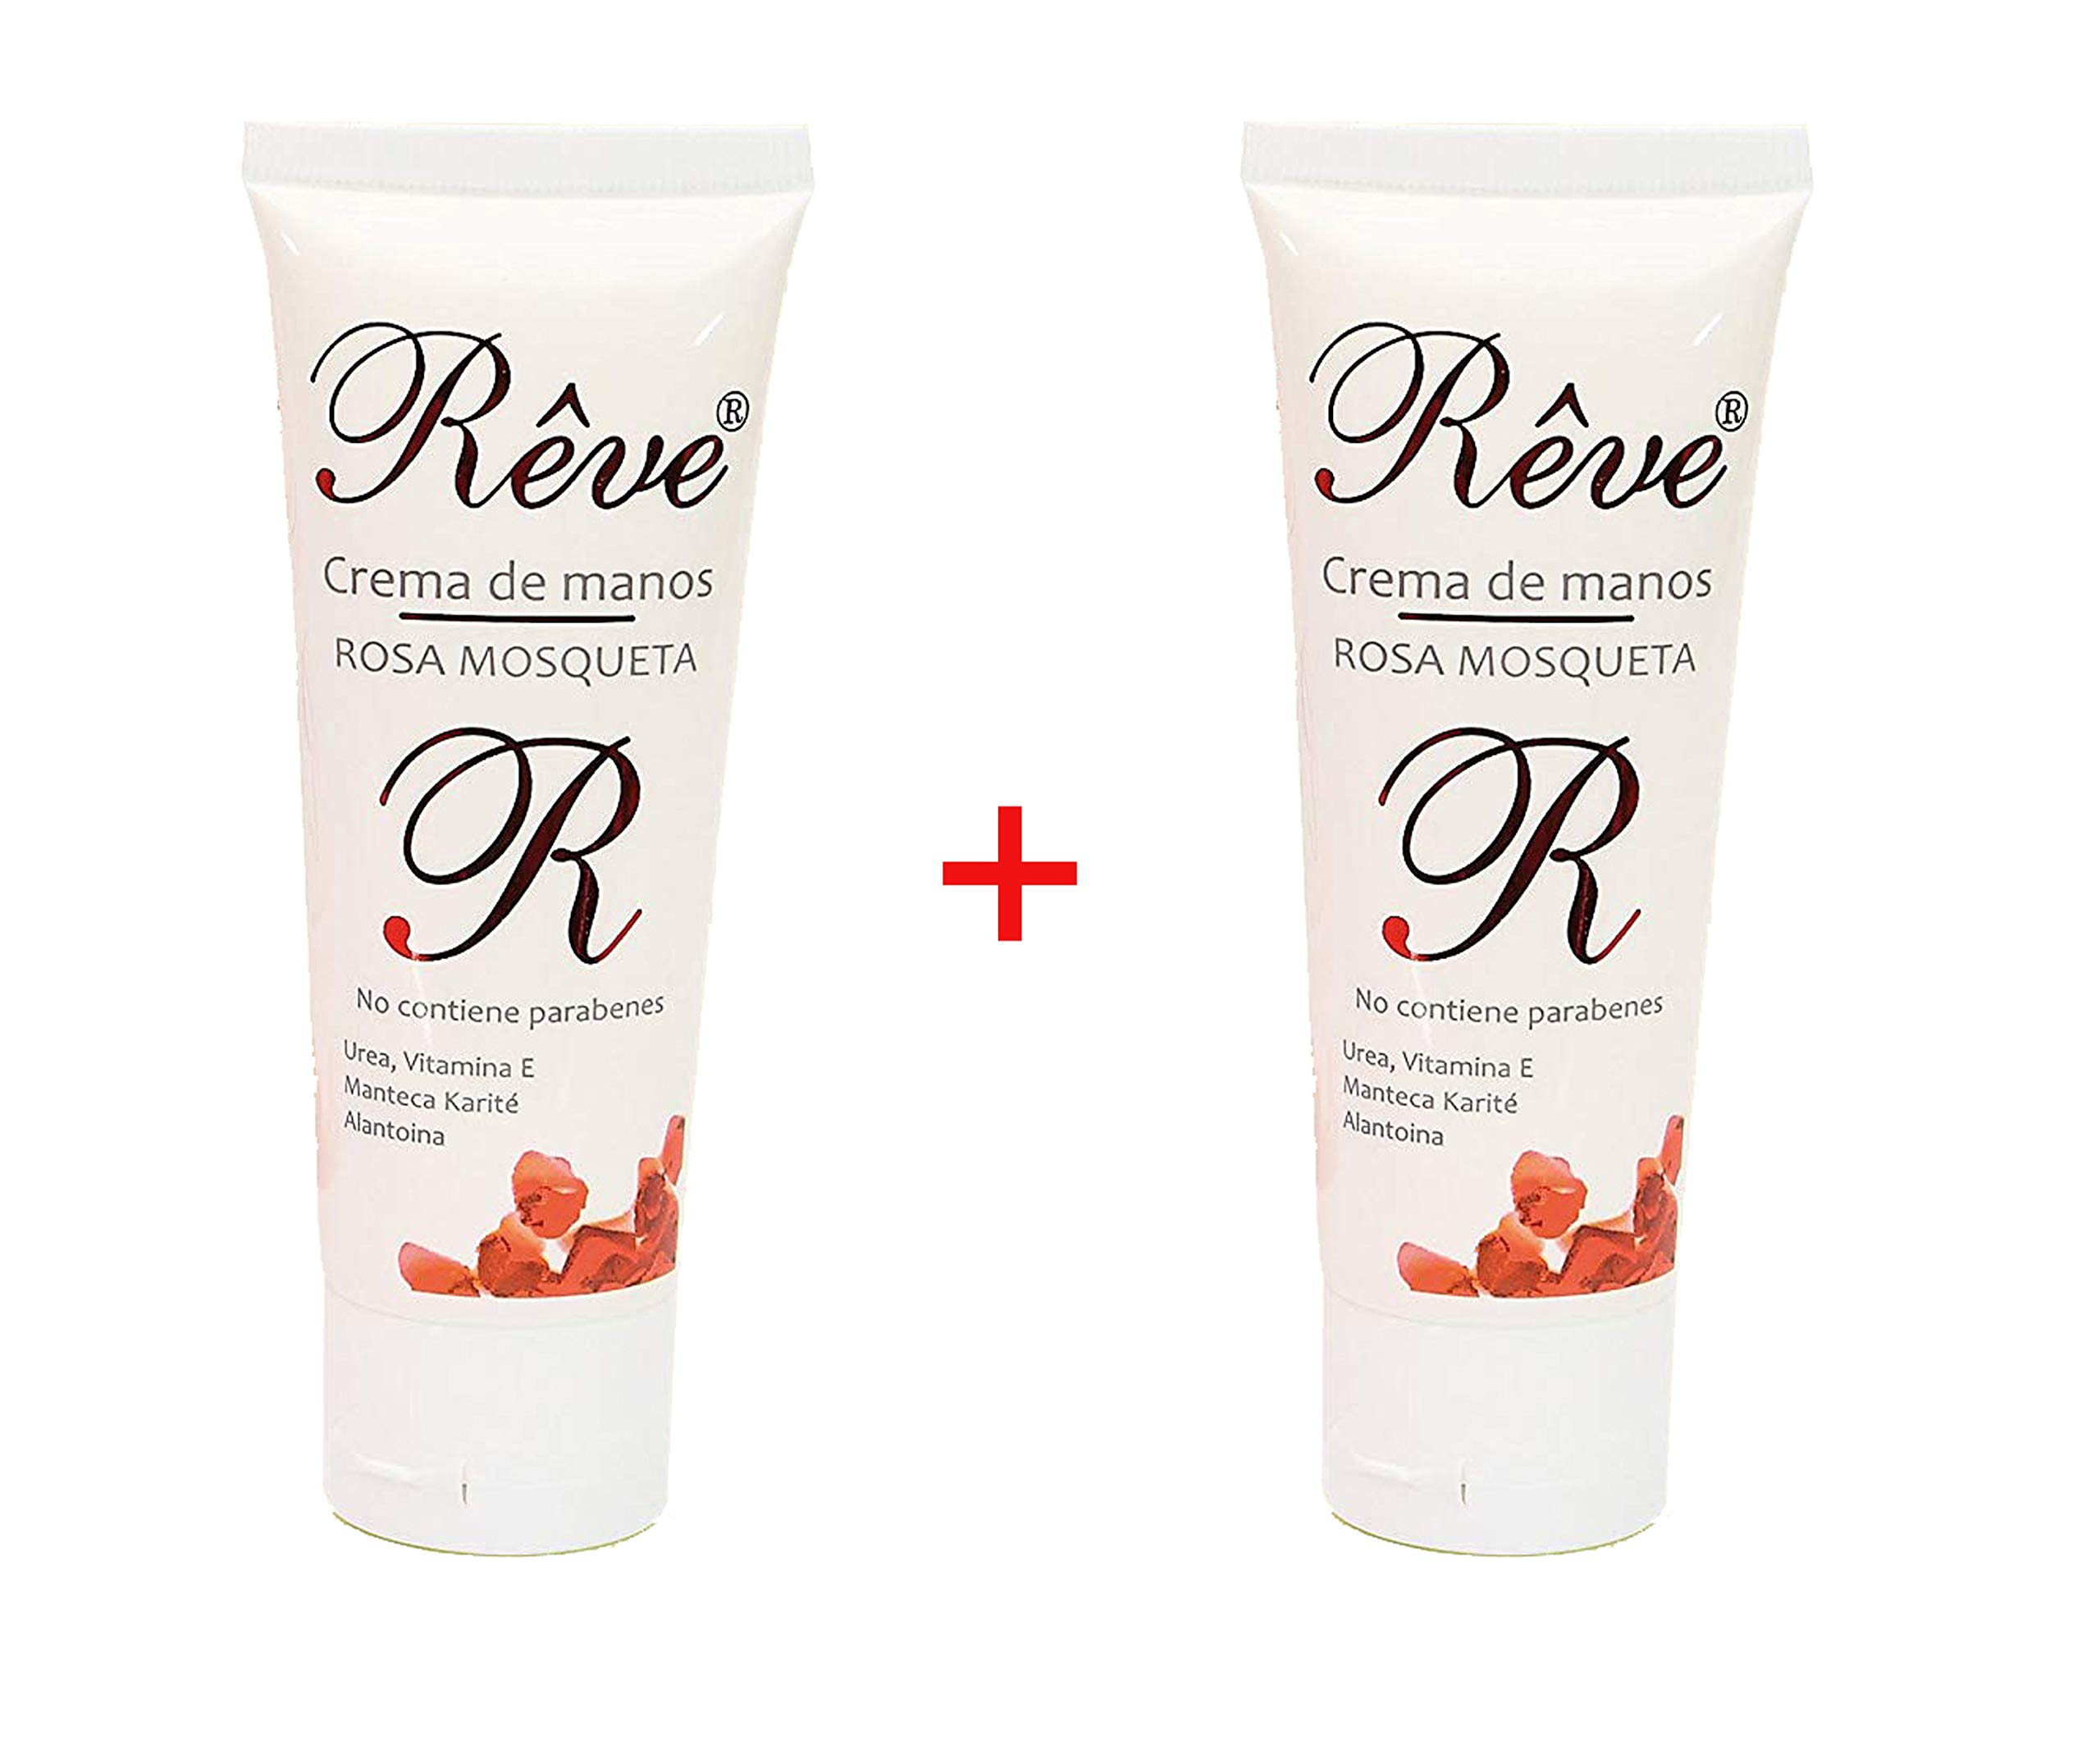 REVE Crema de Manos Rosa Mosqueta (Pack 2 Uds de 50 ml) Enriquecida con Urea, Vitamina E, Karité y Alantoina. Rápida…